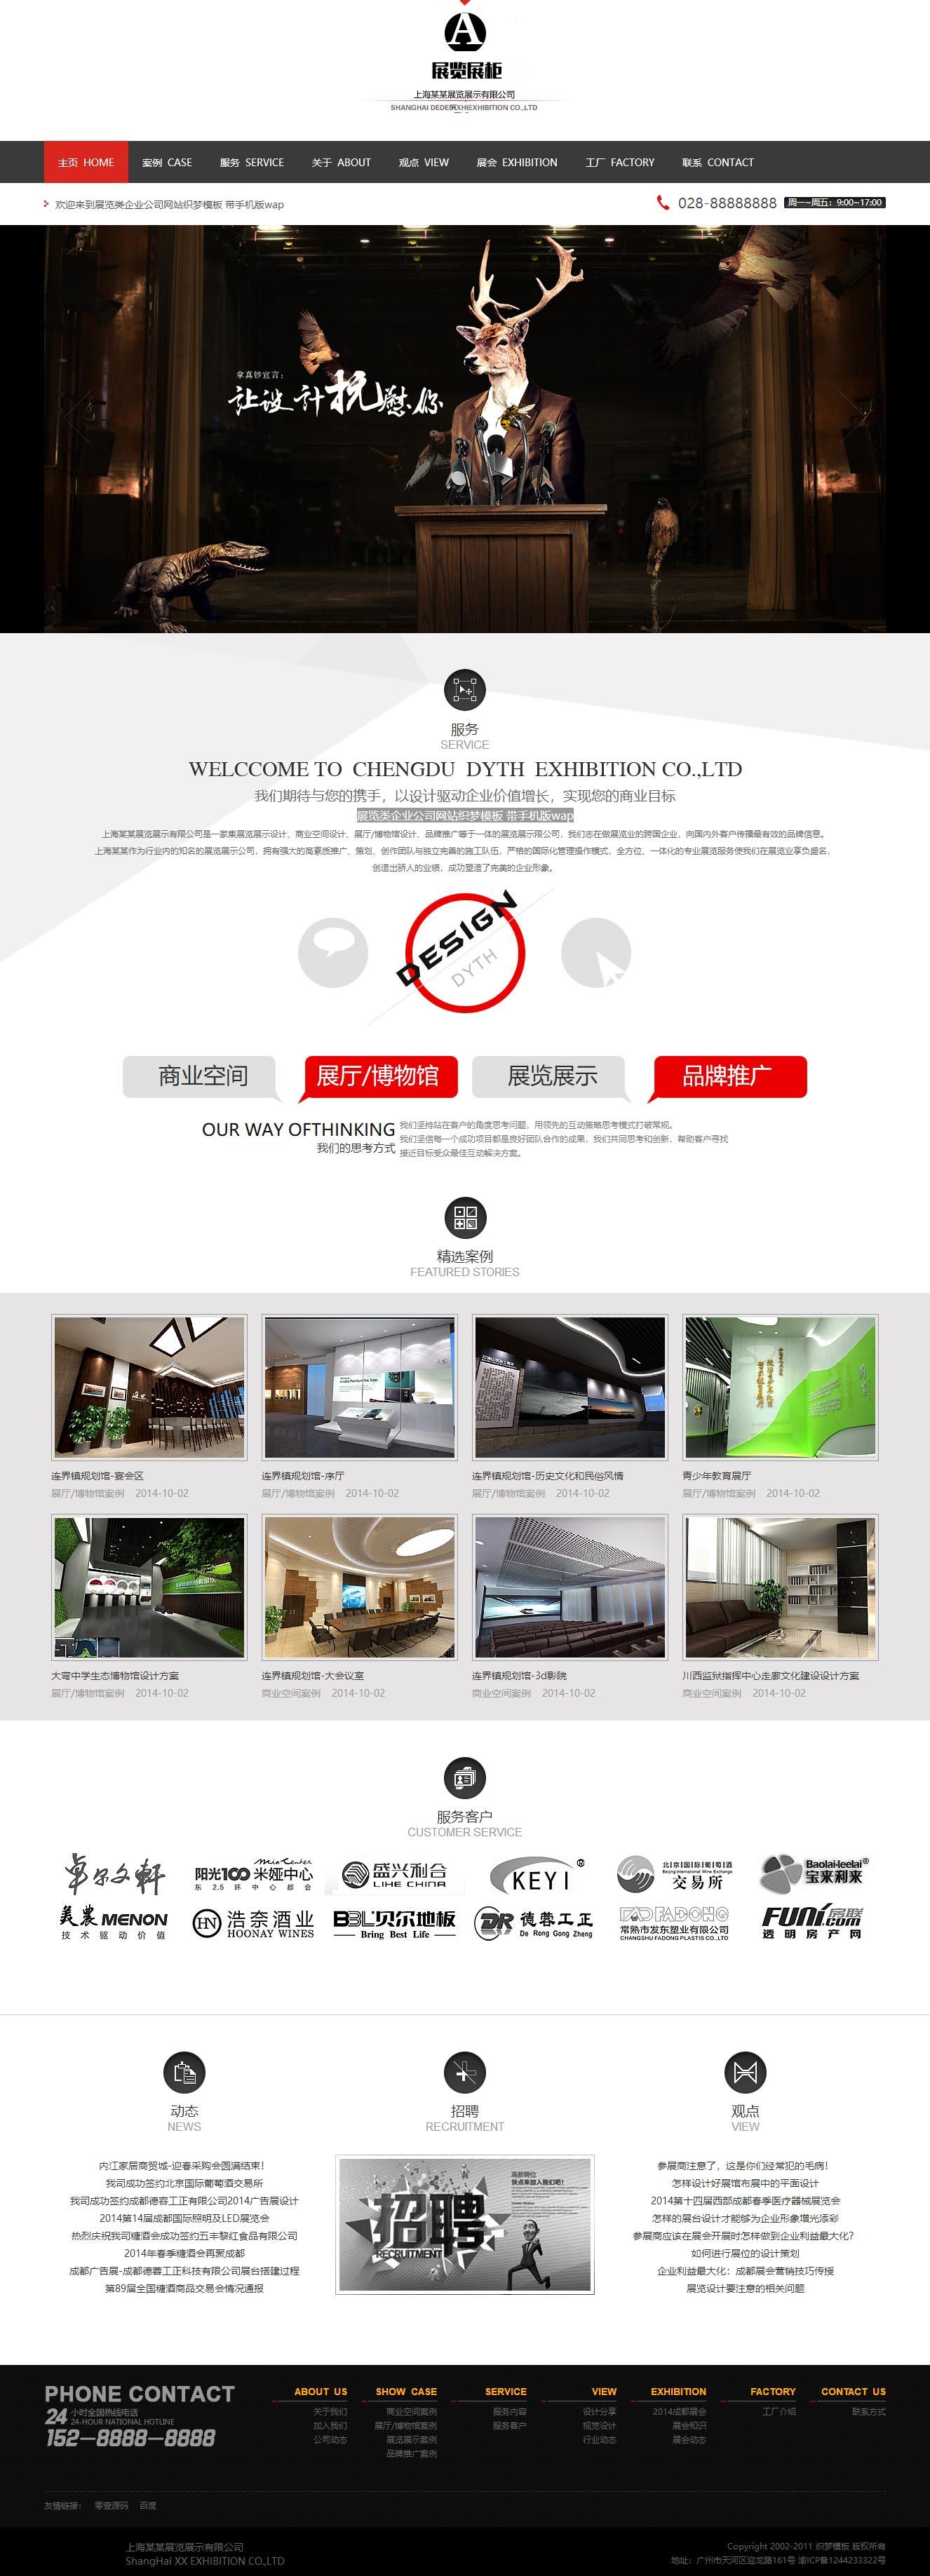 展览类企业公司网站织梦dedecms模板